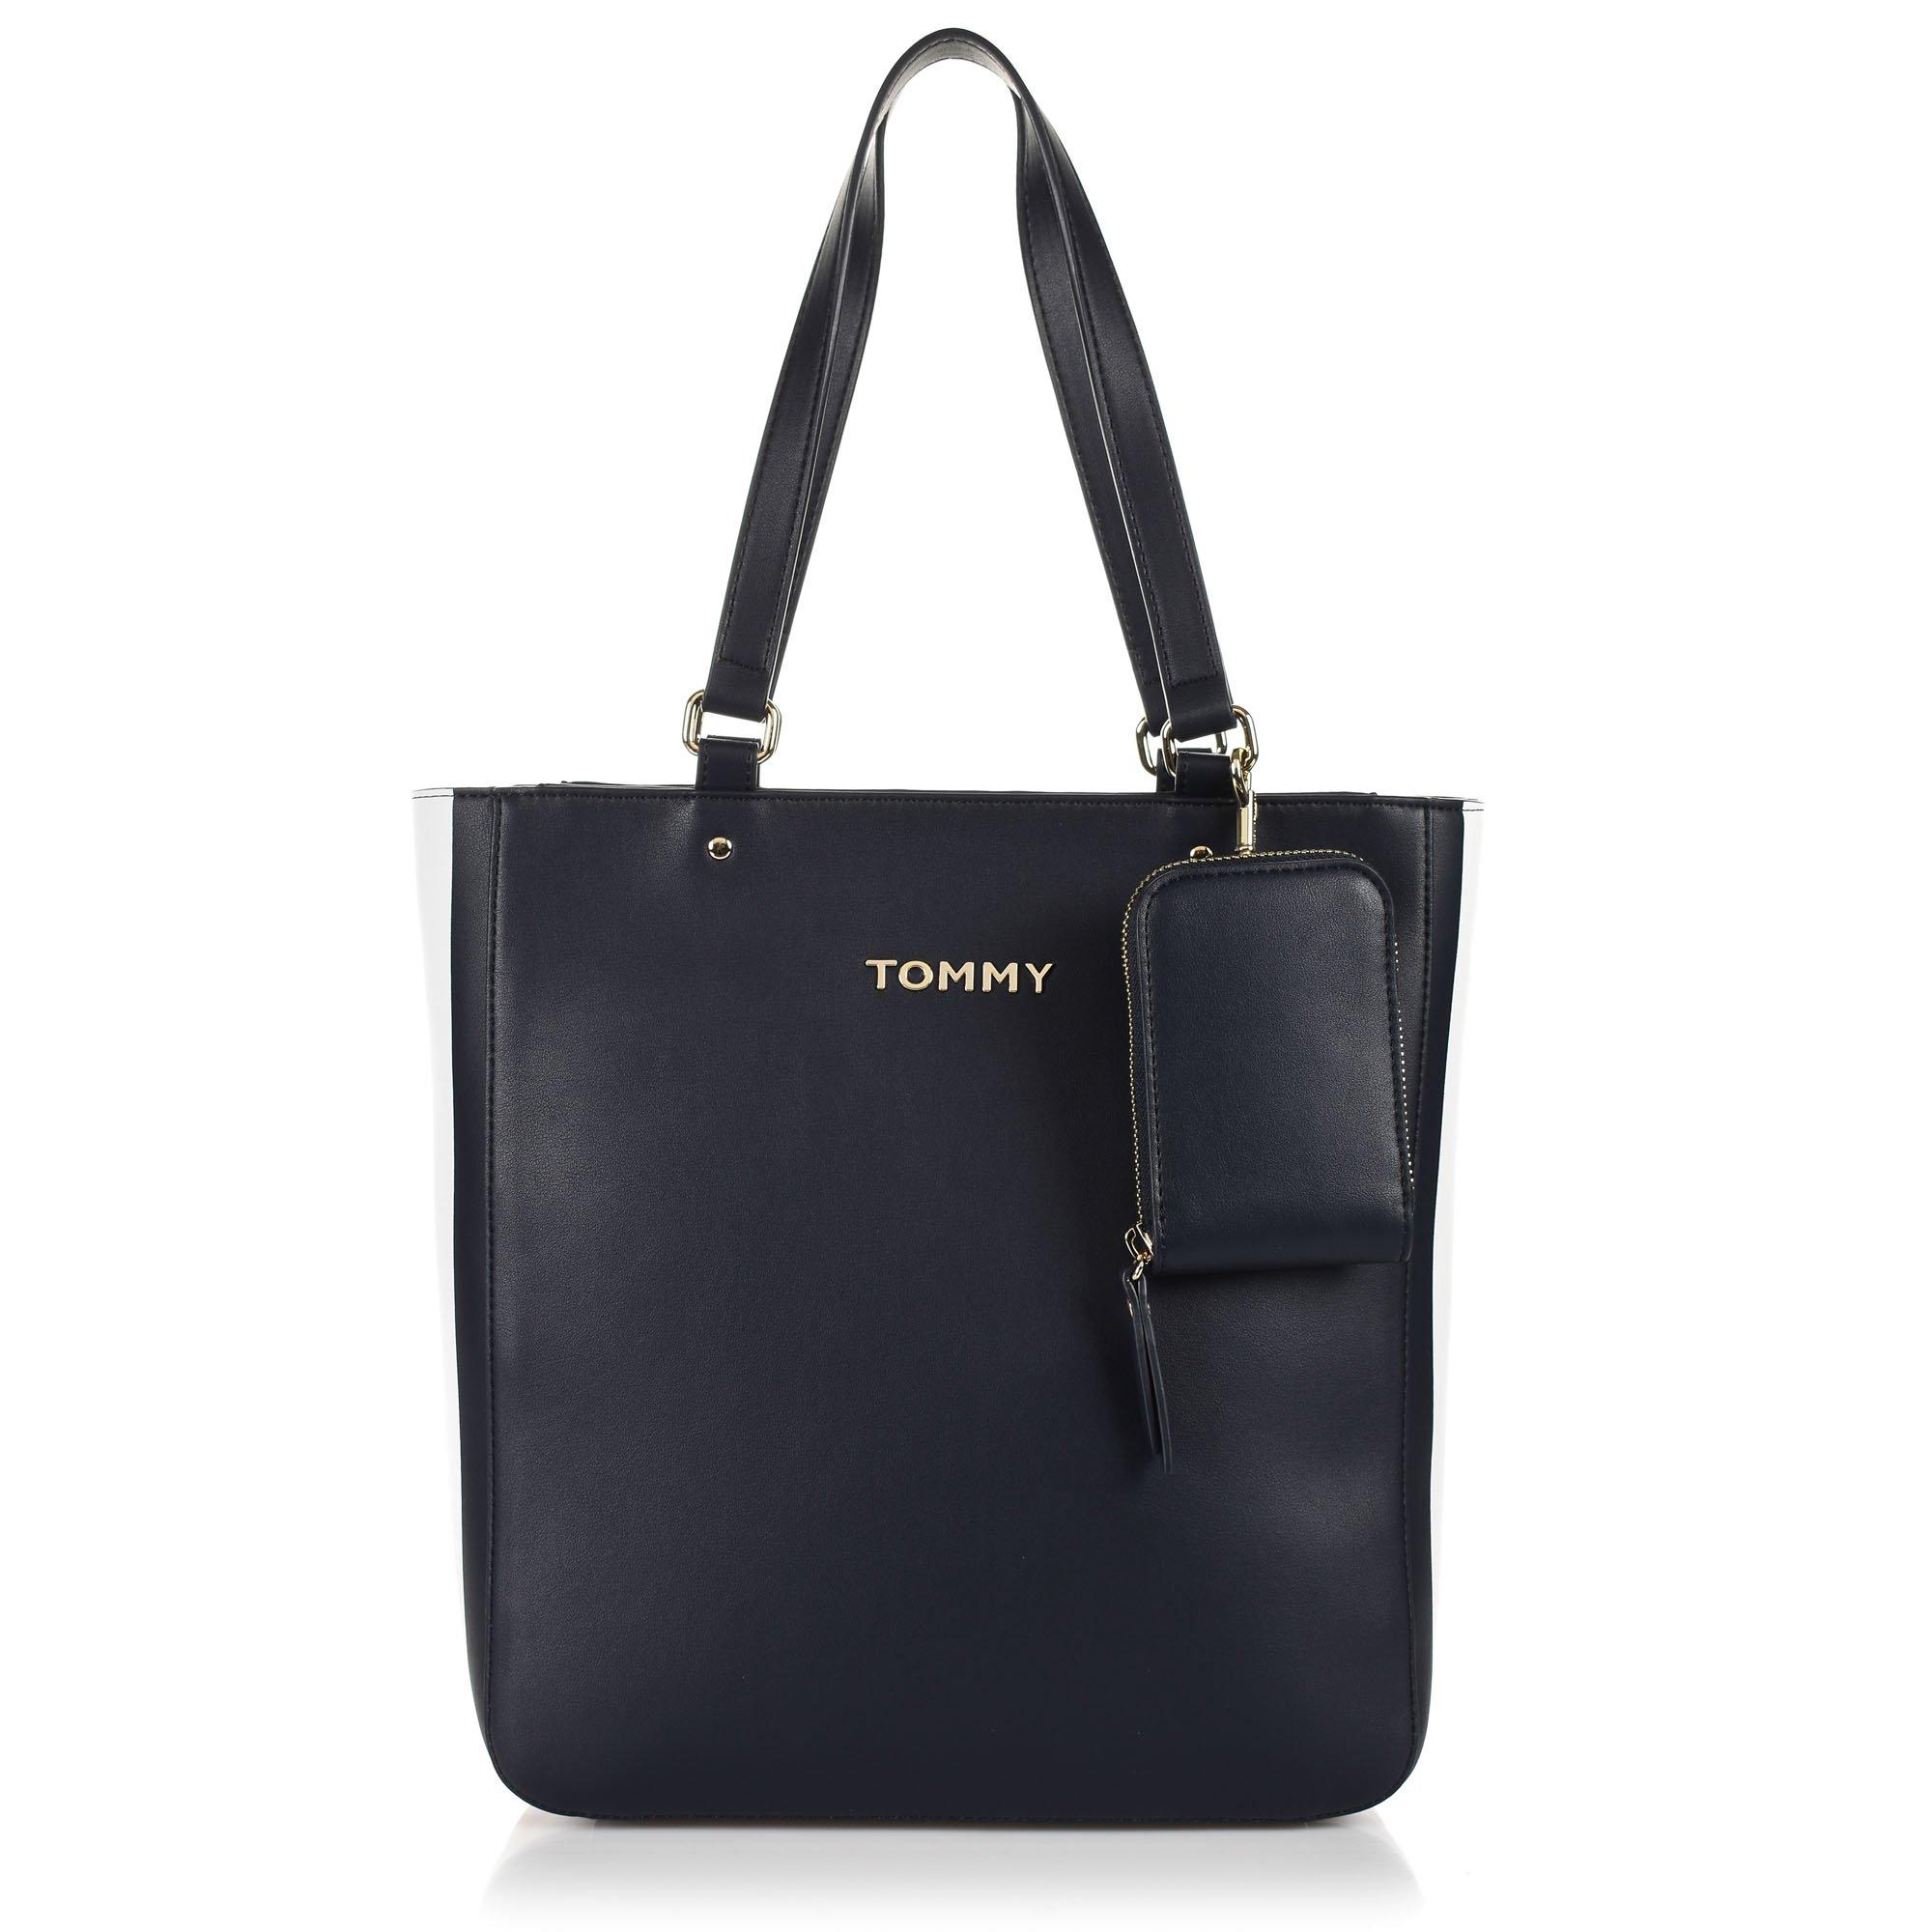 Τσάντα Ώμου Tommy Hilfiger Corporate Tote AW0AW07692